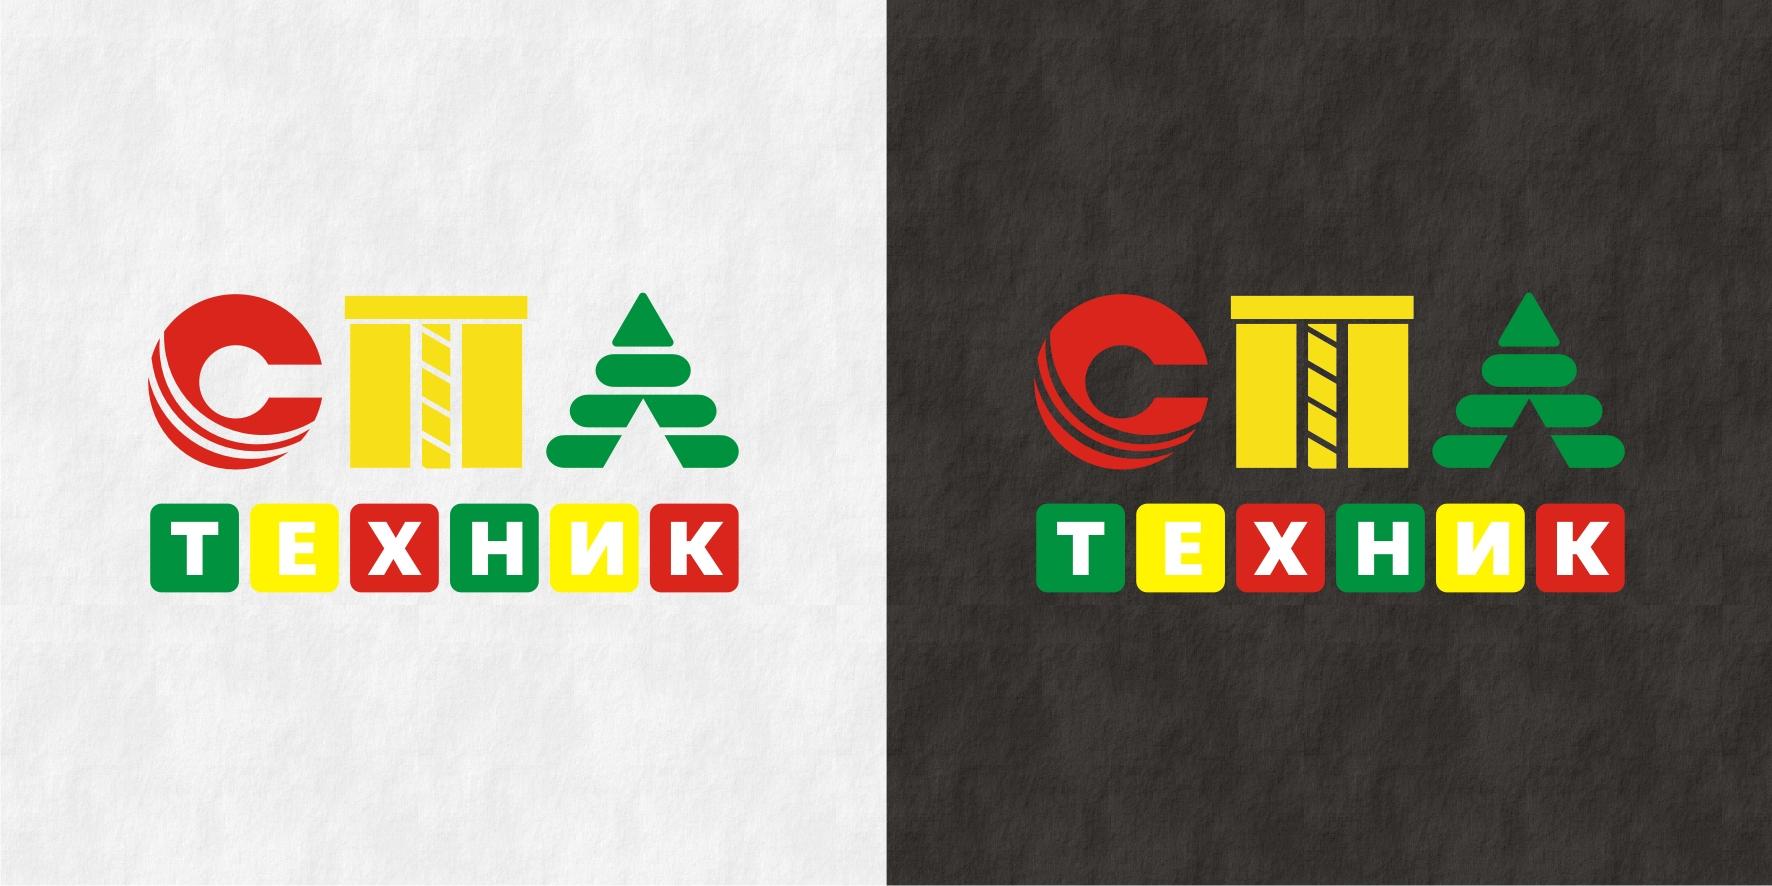 Разработка логотипа и фирменного стиля фото f_43259b664a35c0bd.jpg